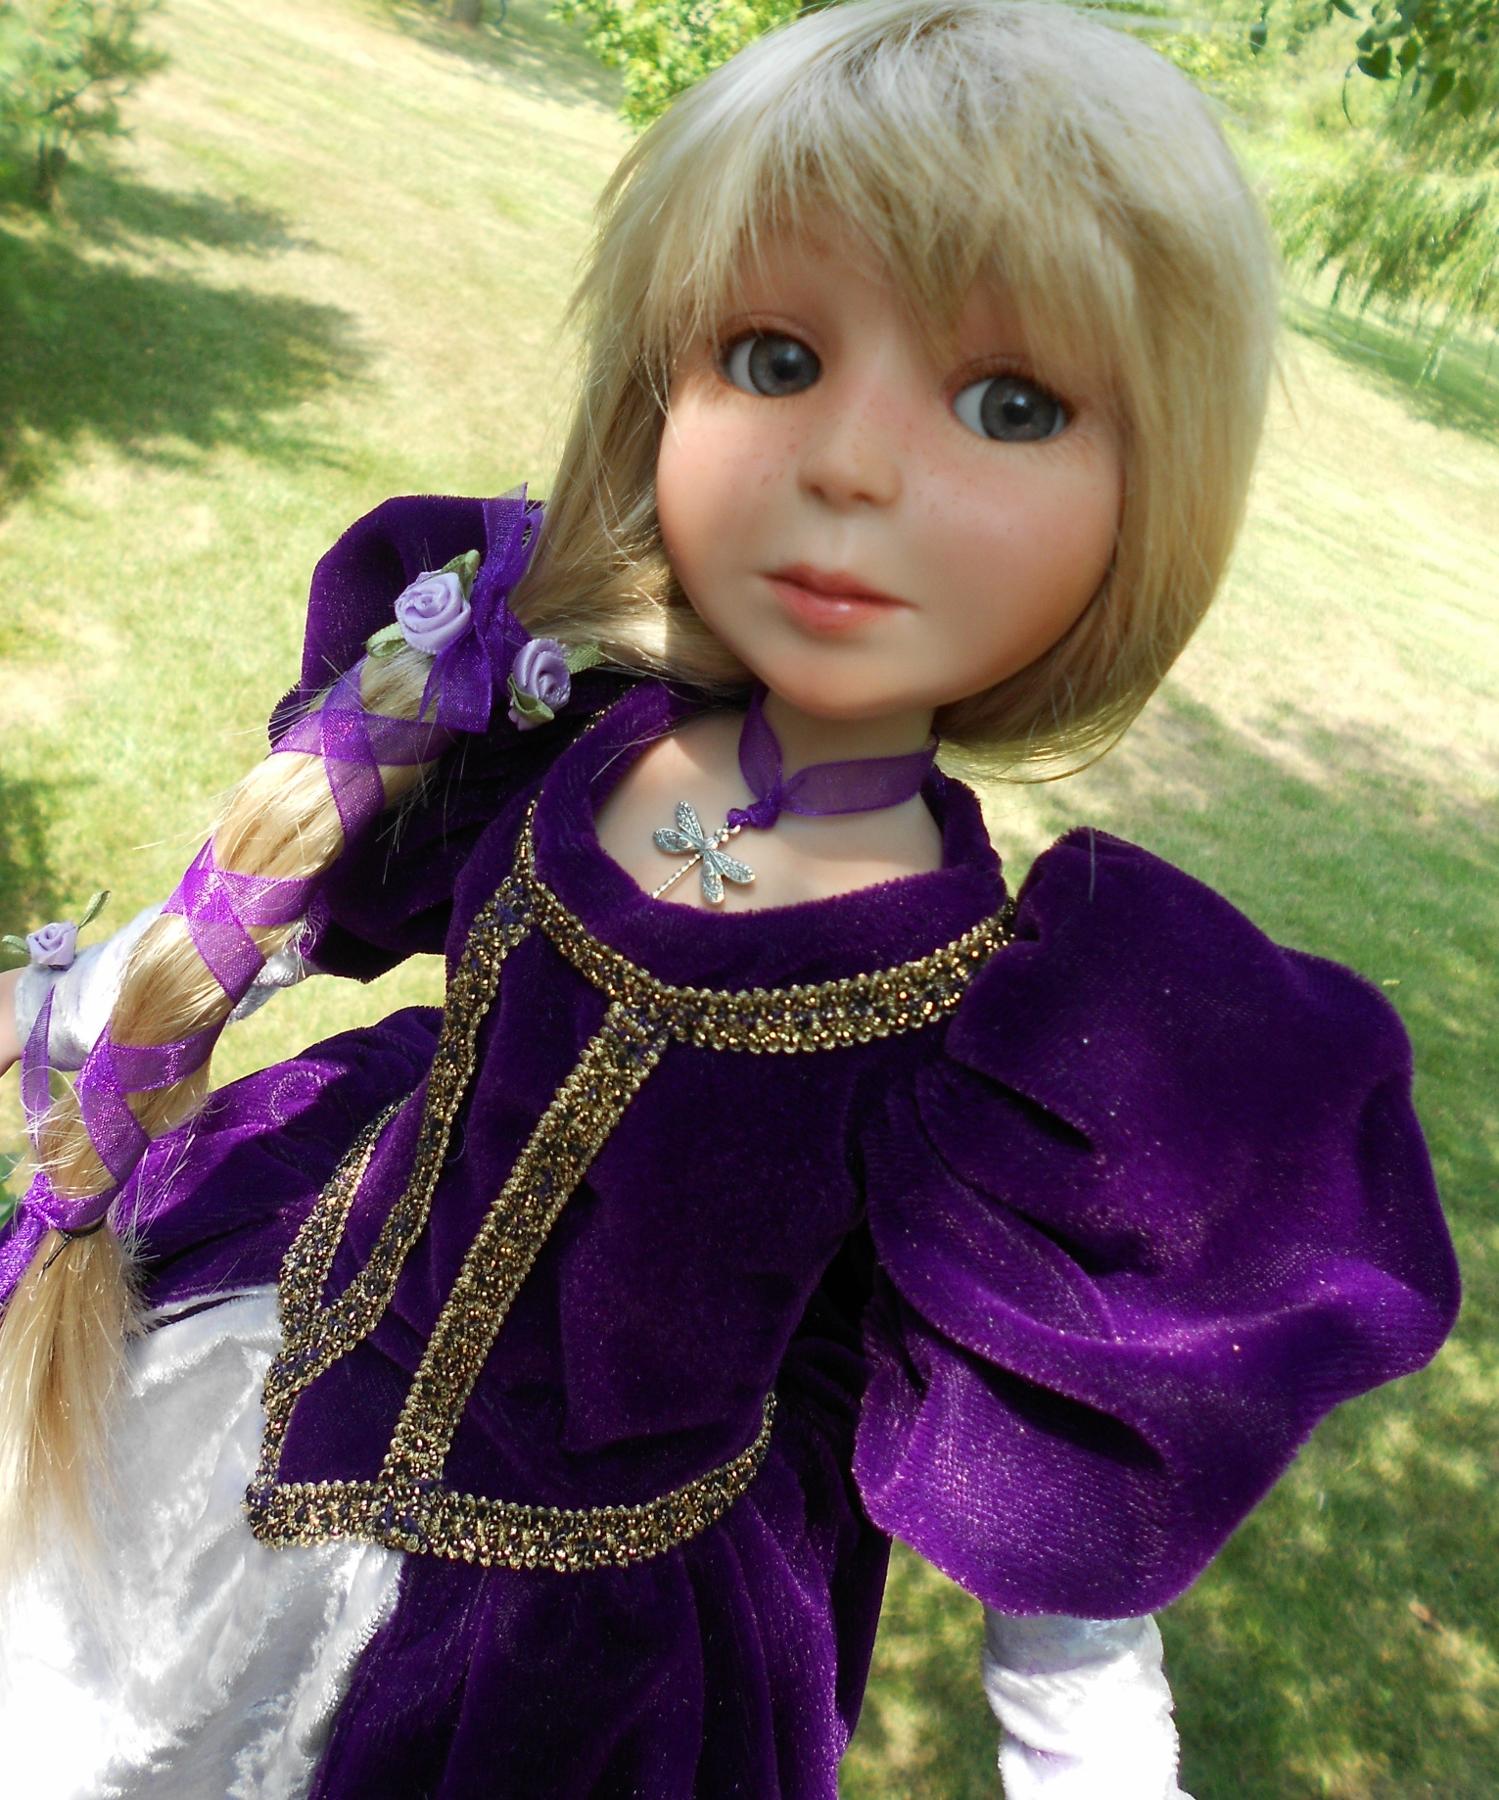 Rapunzelclose2 (1499x1800).jpg?136502502